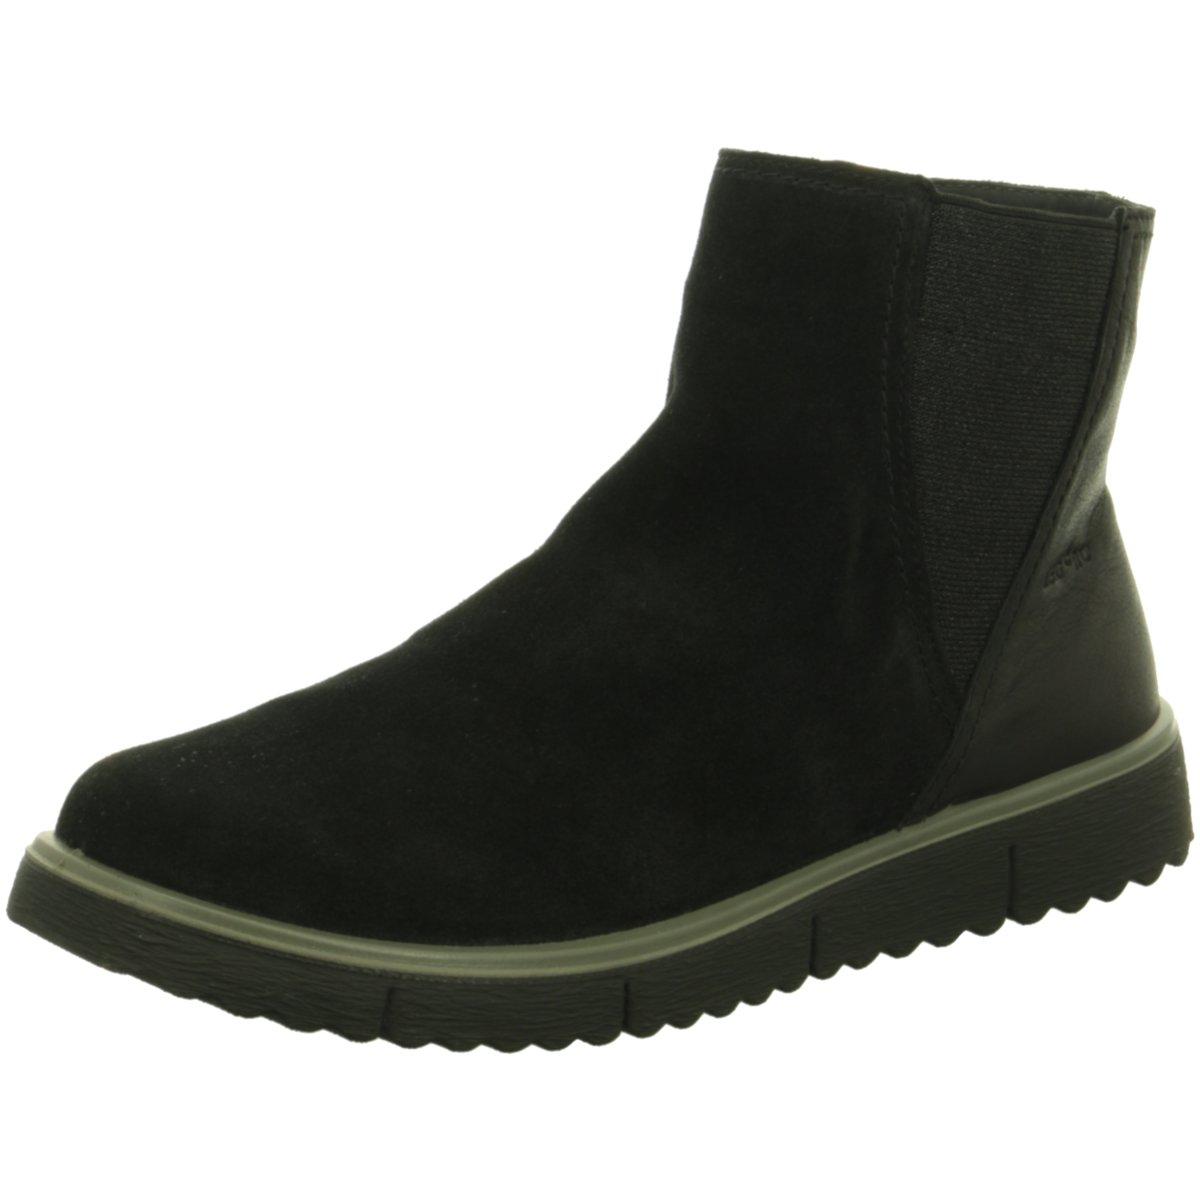 NEU Legero Damen Stiefeletten 1-00800-00 schwarz 382110